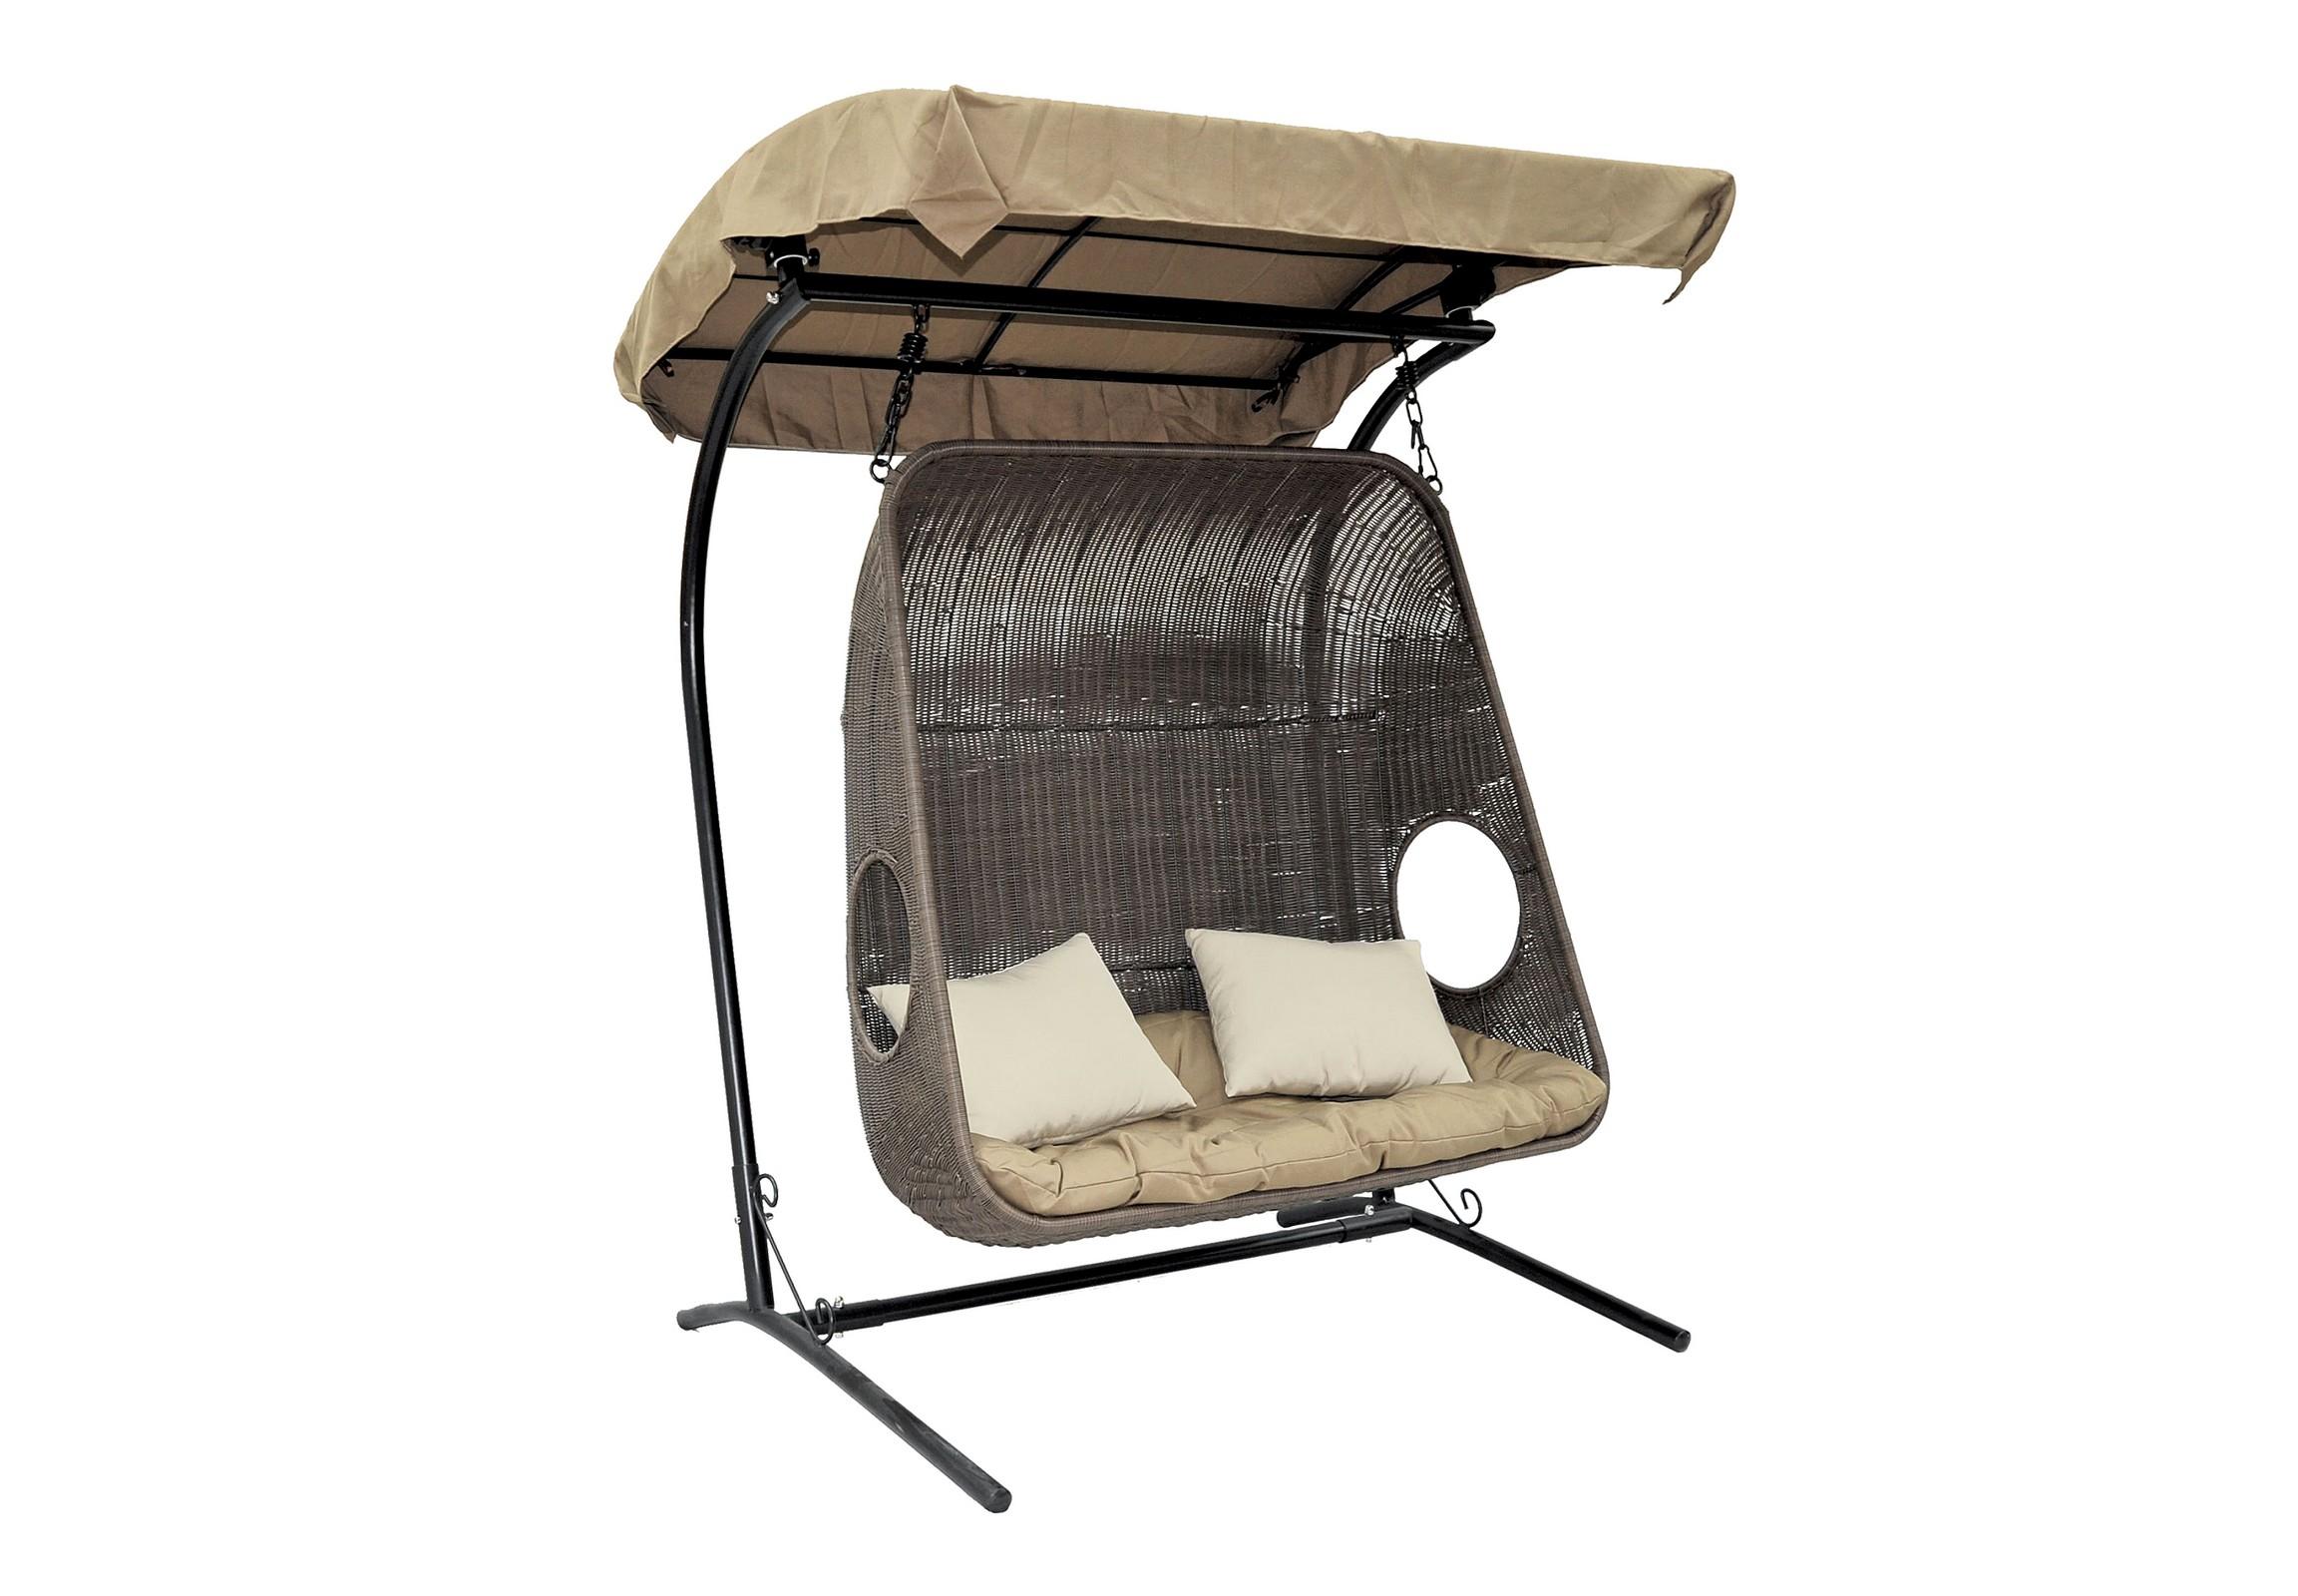 Кресло-качели для двоих CanopyКачели<br>Классическое кресло-качели для двоих.  Каркас опоры и самого кресла покрыт прочной, устойчивой к внешним воздействиям, порошковой краской. А мягкие подушки выполнены из водоотталкивающего материала. <br>Основа кресла выполнена из стали, благодаря чему подвесное кресло может выдерживать вес до 160 кг. Когда Вы сидите  в кресле, общая нагрузка приходится не на ажурное плетение, а именно на металлический каркас. &amp;amp;nbsp;&amp;lt;div&amp;gt;&amp;lt;br&amp;gt;&amp;lt;/div&amp;gt;&amp;lt;div&amp;gt;Материал каркаса: сталь&amp;amp;nbsp;&amp;lt;/div&amp;gt;&amp;lt;div&amp;gt;Материал: искусственный ротанг, круглый&amp;amp;nbsp;&amp;lt;/div&amp;gt;&amp;lt;div&amp;gt;Цвет опоры: черный&amp;amp;nbsp;&amp;lt;/div&amp;gt;&amp;lt;div&amp;gt;Цвет чаши: коричневый&amp;amp;nbsp;&amp;lt;/div&amp;gt;&amp;lt;div&amp;gt;Выдерживаемая нагрузка, кг: 160&amp;amp;nbsp;&amp;lt;/div&amp;gt;&amp;lt;div&amp;gt;Размер чаши: 129х56х126 см&amp;amp;nbsp;&amp;lt;/div&amp;gt;&amp;lt;div&amp;gt;Размер основания: 139х110х195 см&amp;lt;/div&amp;gt;<br><br>Material: Искусственный ротанг<br>Width см: 129<br>Depth см: 56<br>Height см: 126